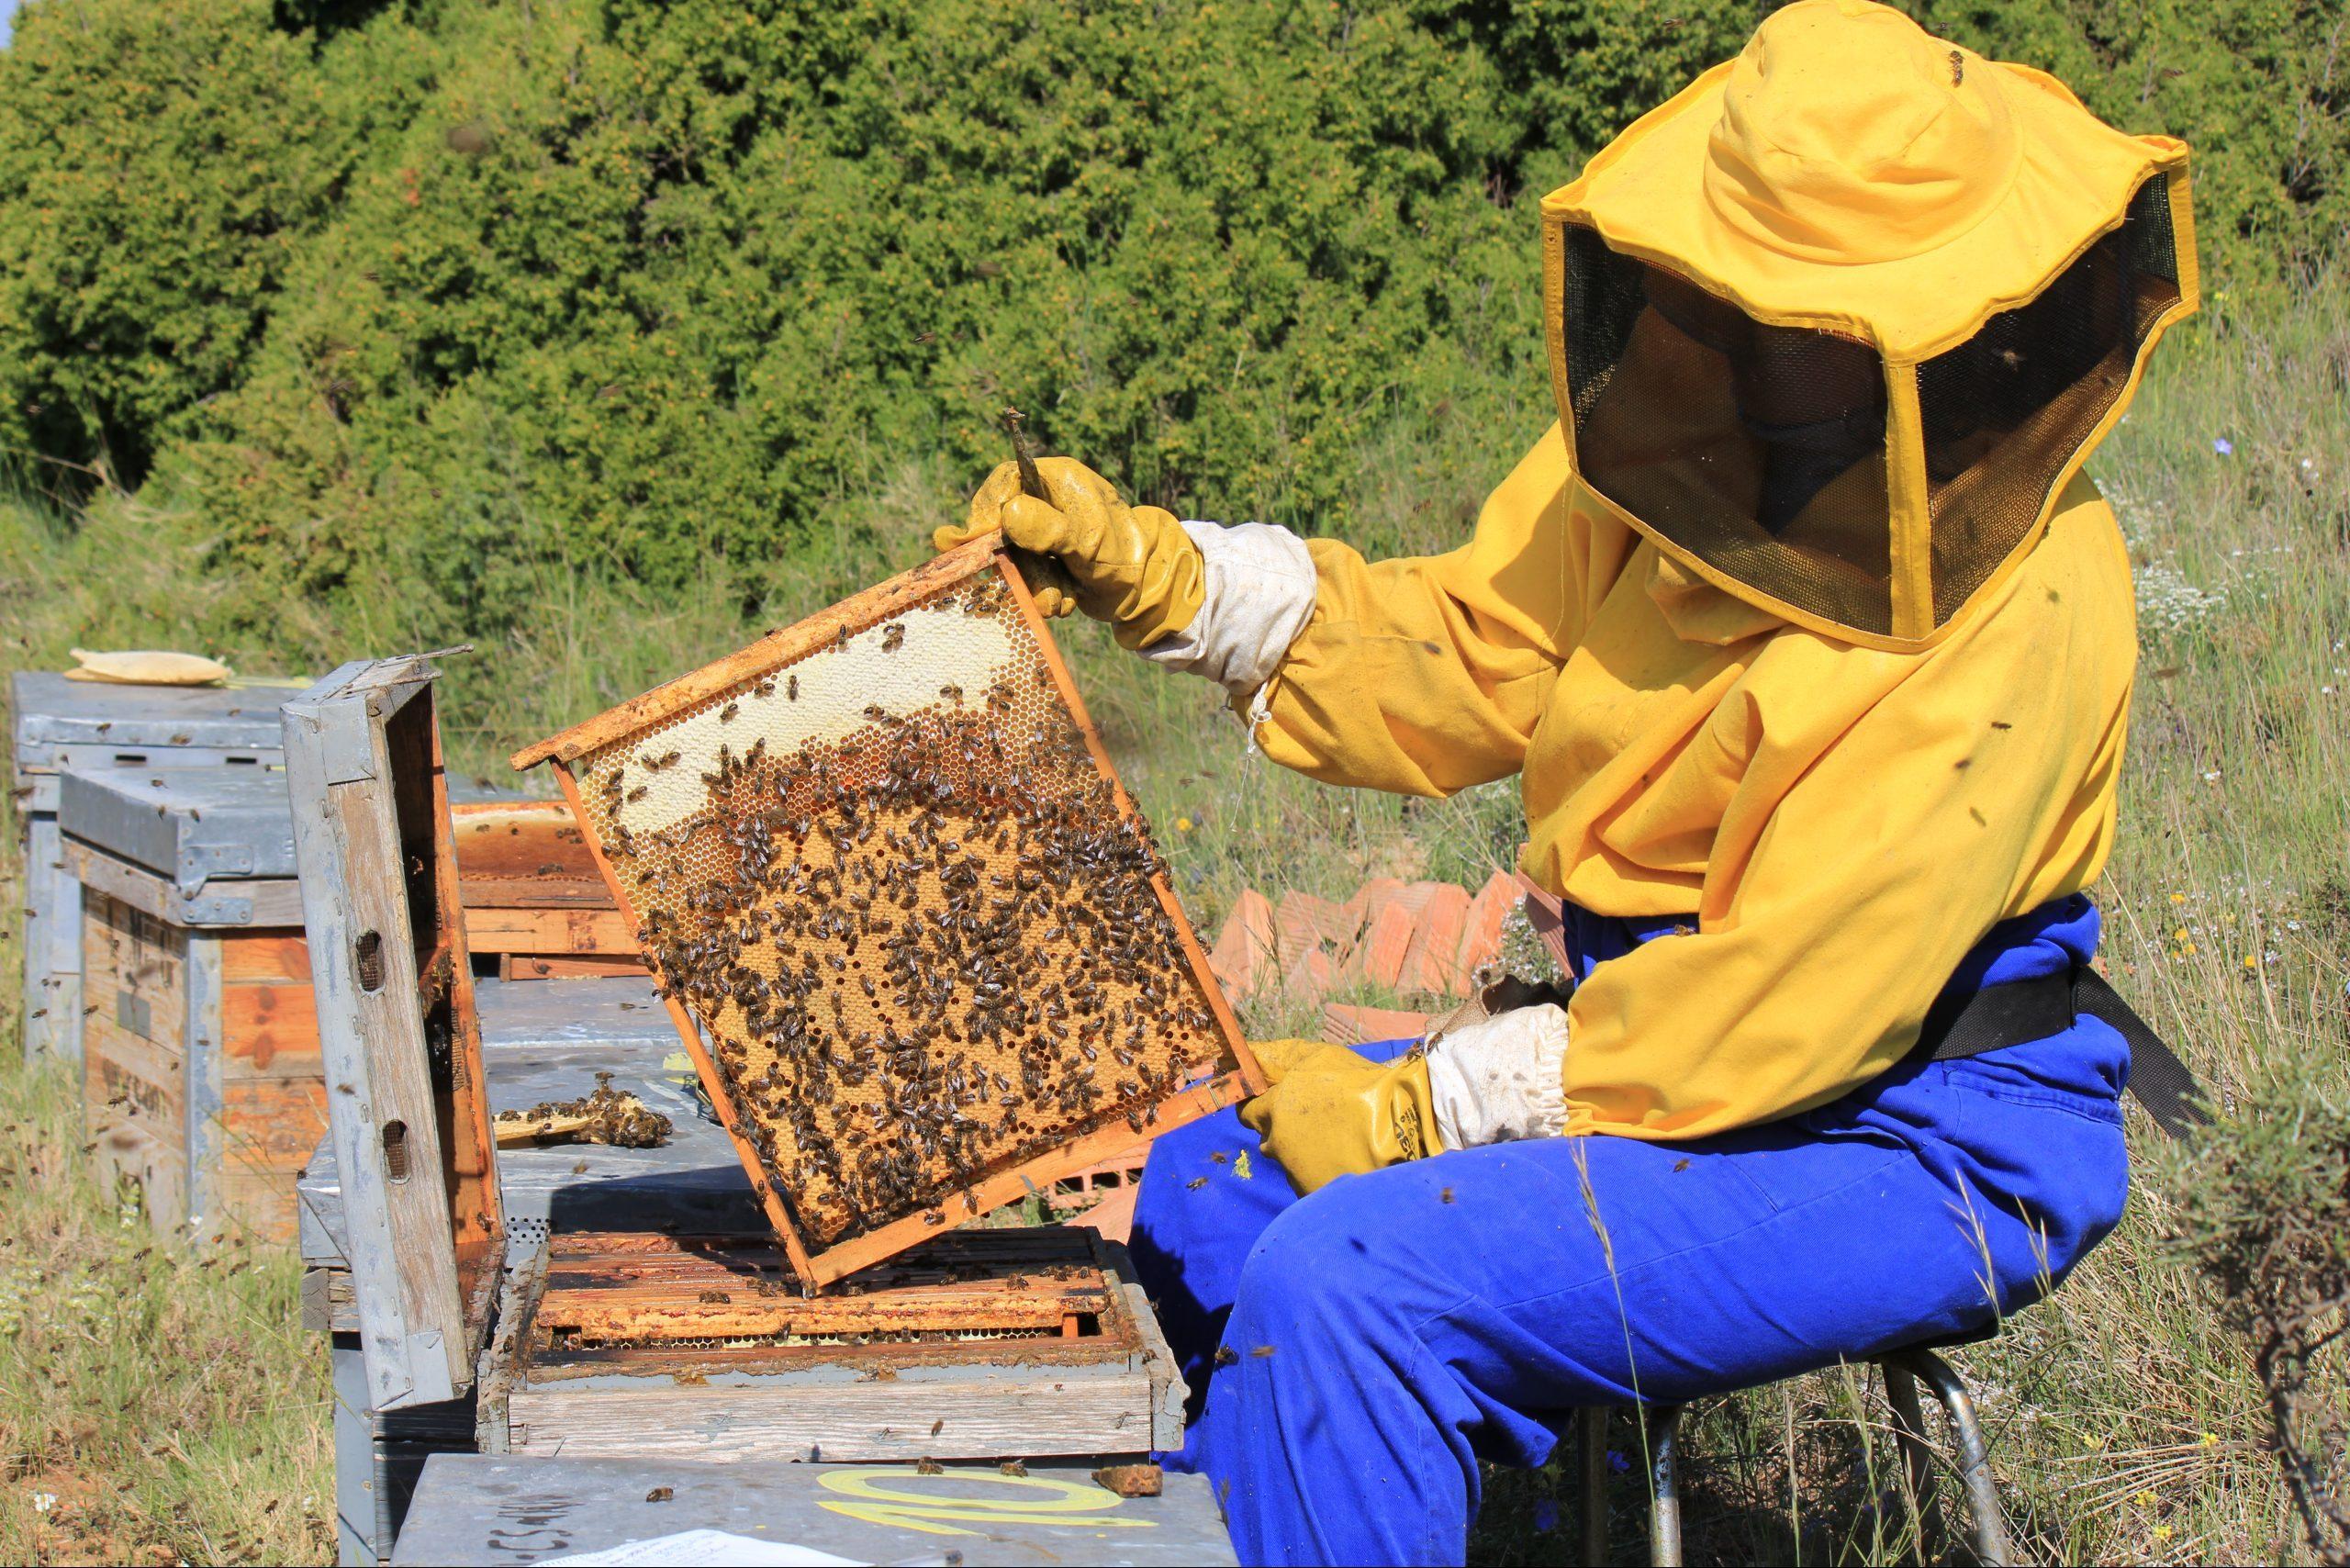 L'apicoltura in terra iberica: l'avventura di un apicoltore italiano – Apicolture nel Mondo